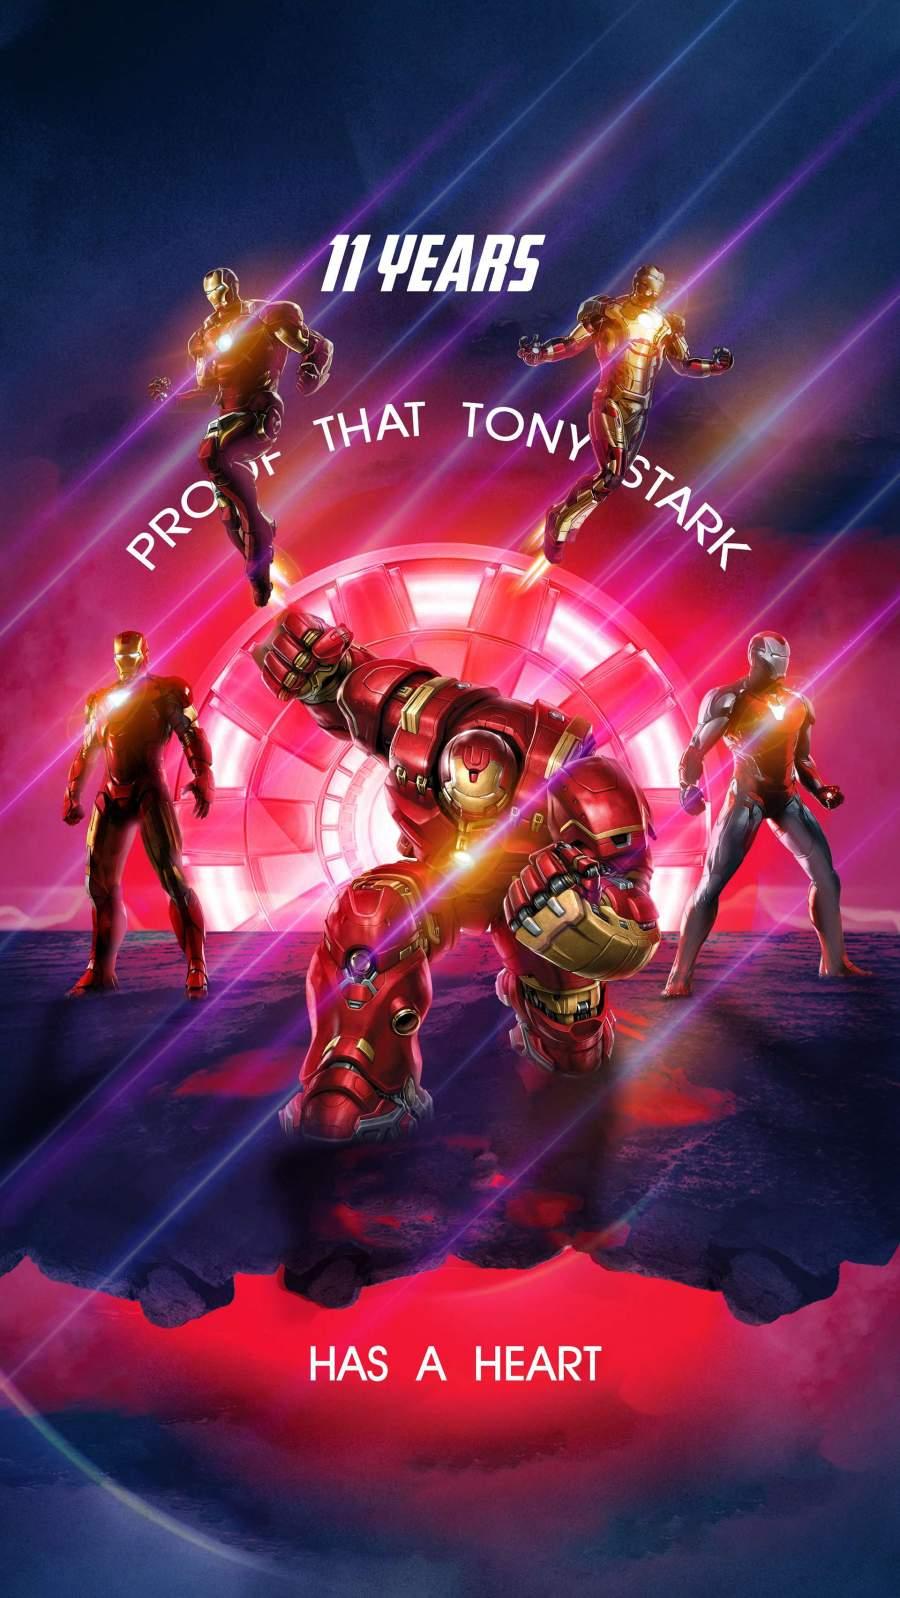 Tony Stark Has a Heart iPhone Wallpaper 1